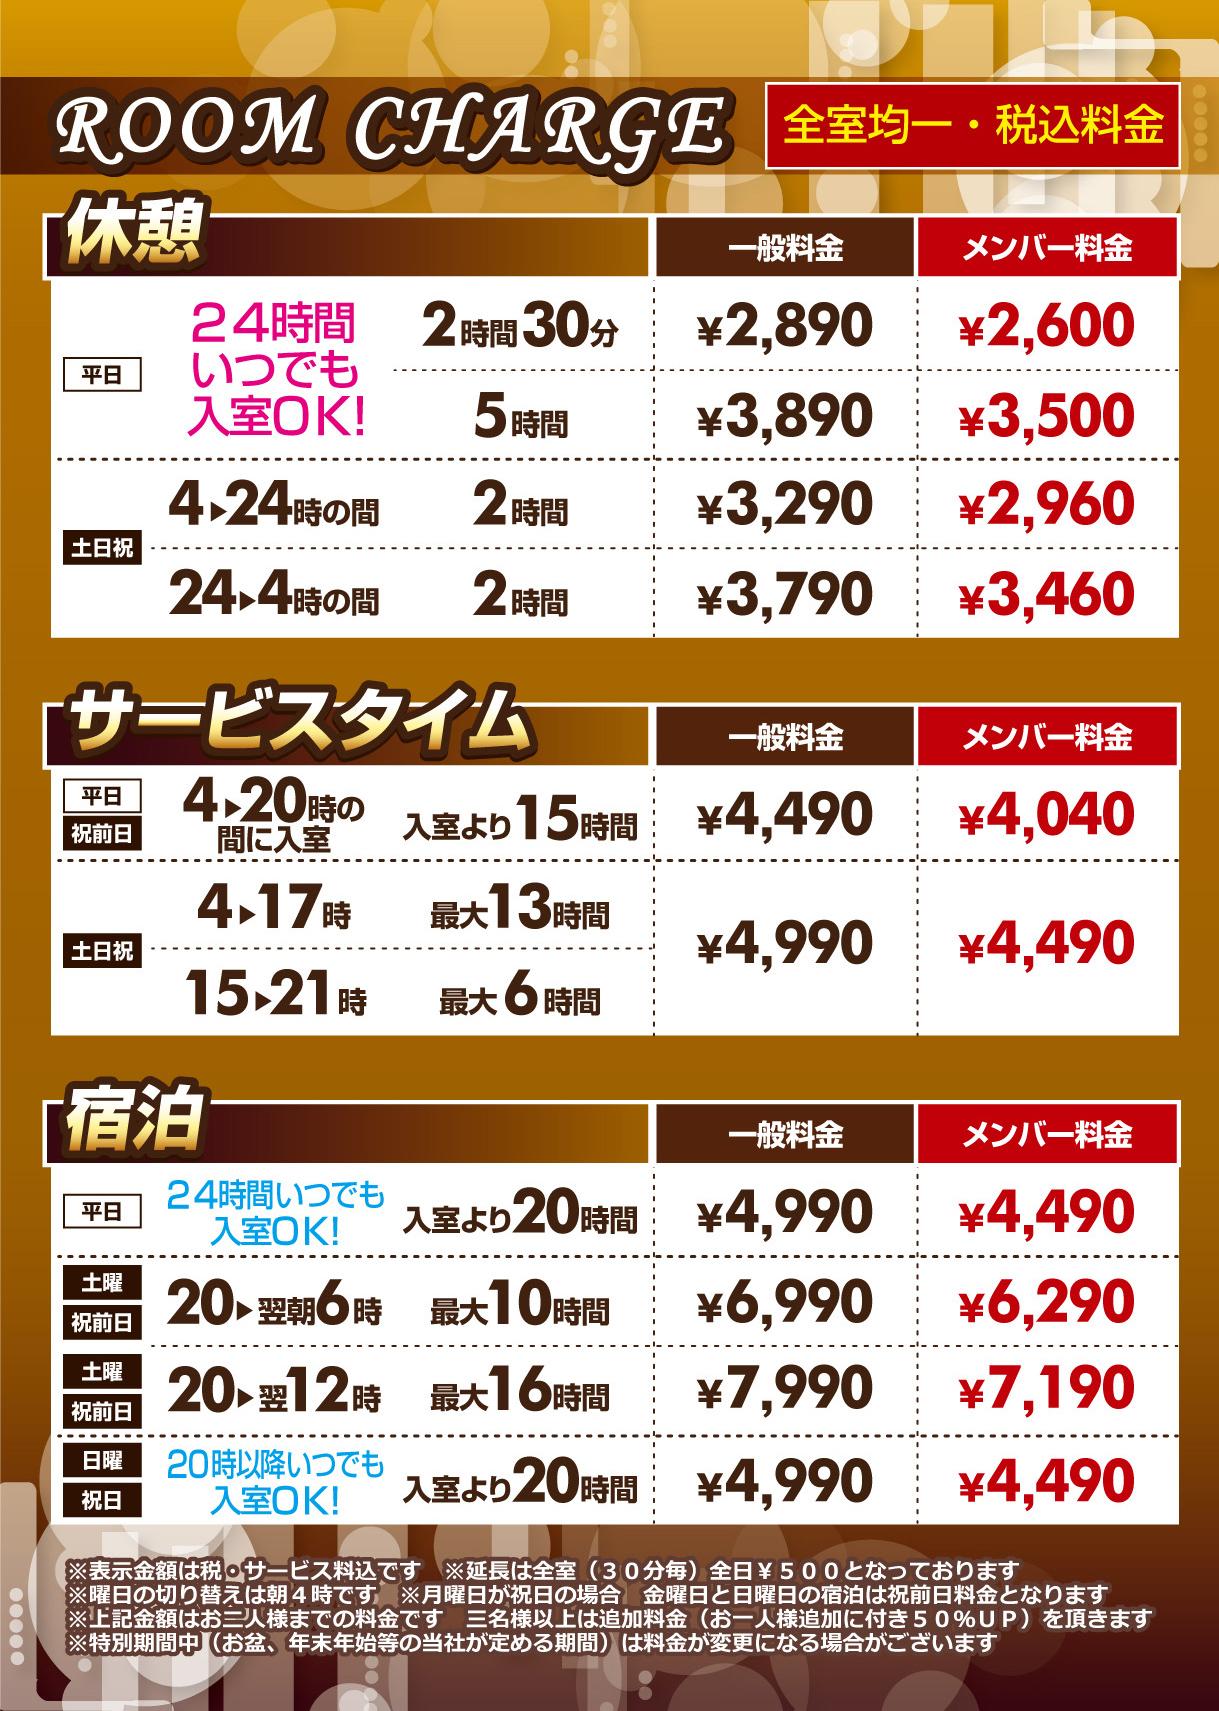 チョコレの料金表